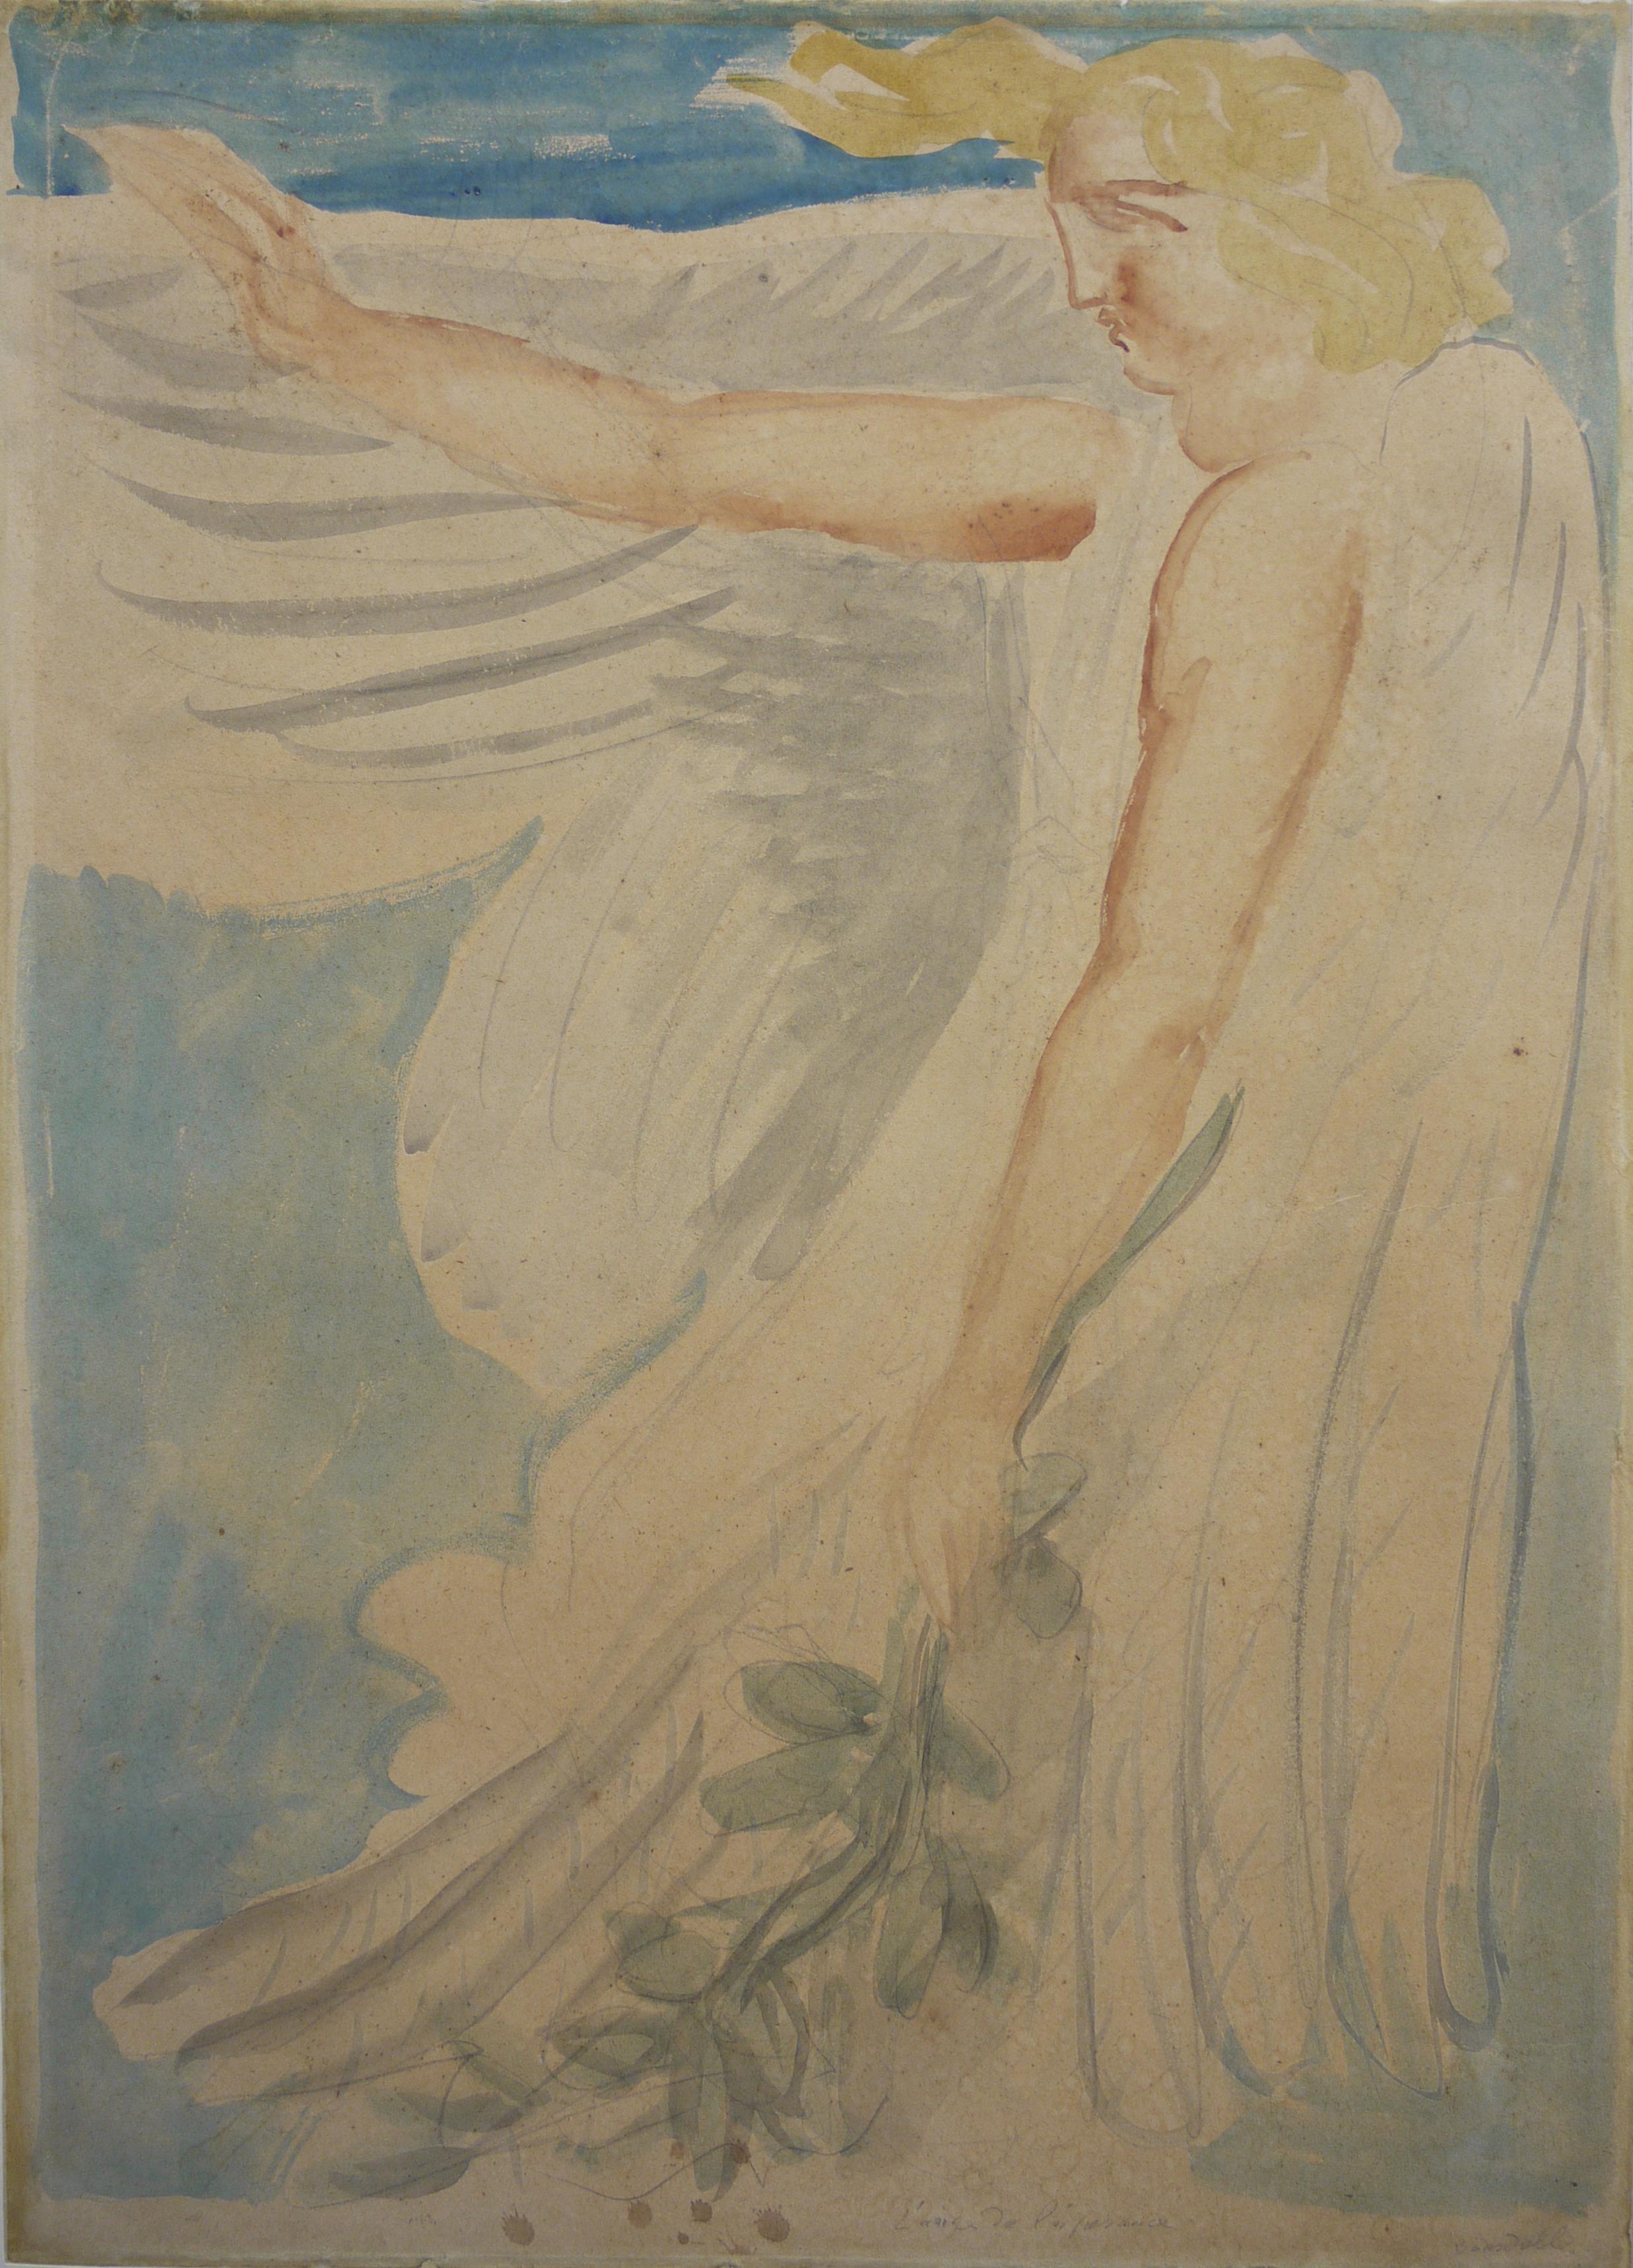 Antoine Bourdelle, L'Ange de l'Espérance, vers 1915-1918 © Musée de Valence, photographie Béatrice Roussel